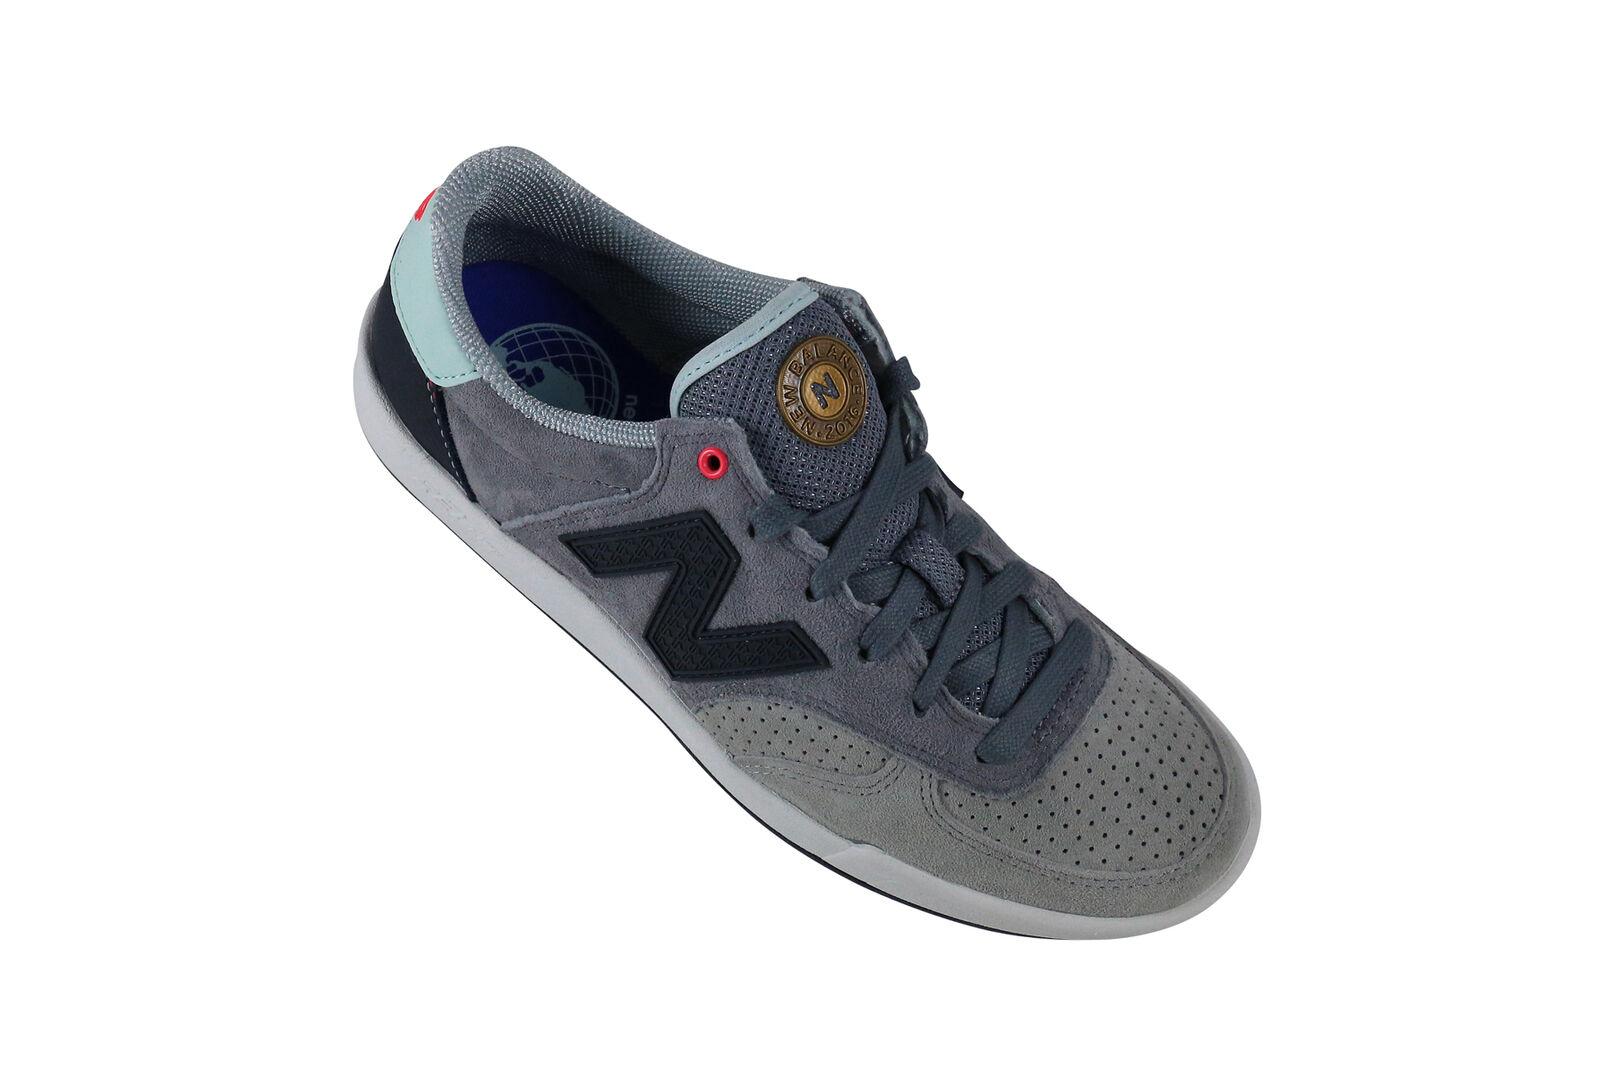 New New New Balance CRT300 GU Grau/Blau Schuhe/Turnschuhe grau a9a661